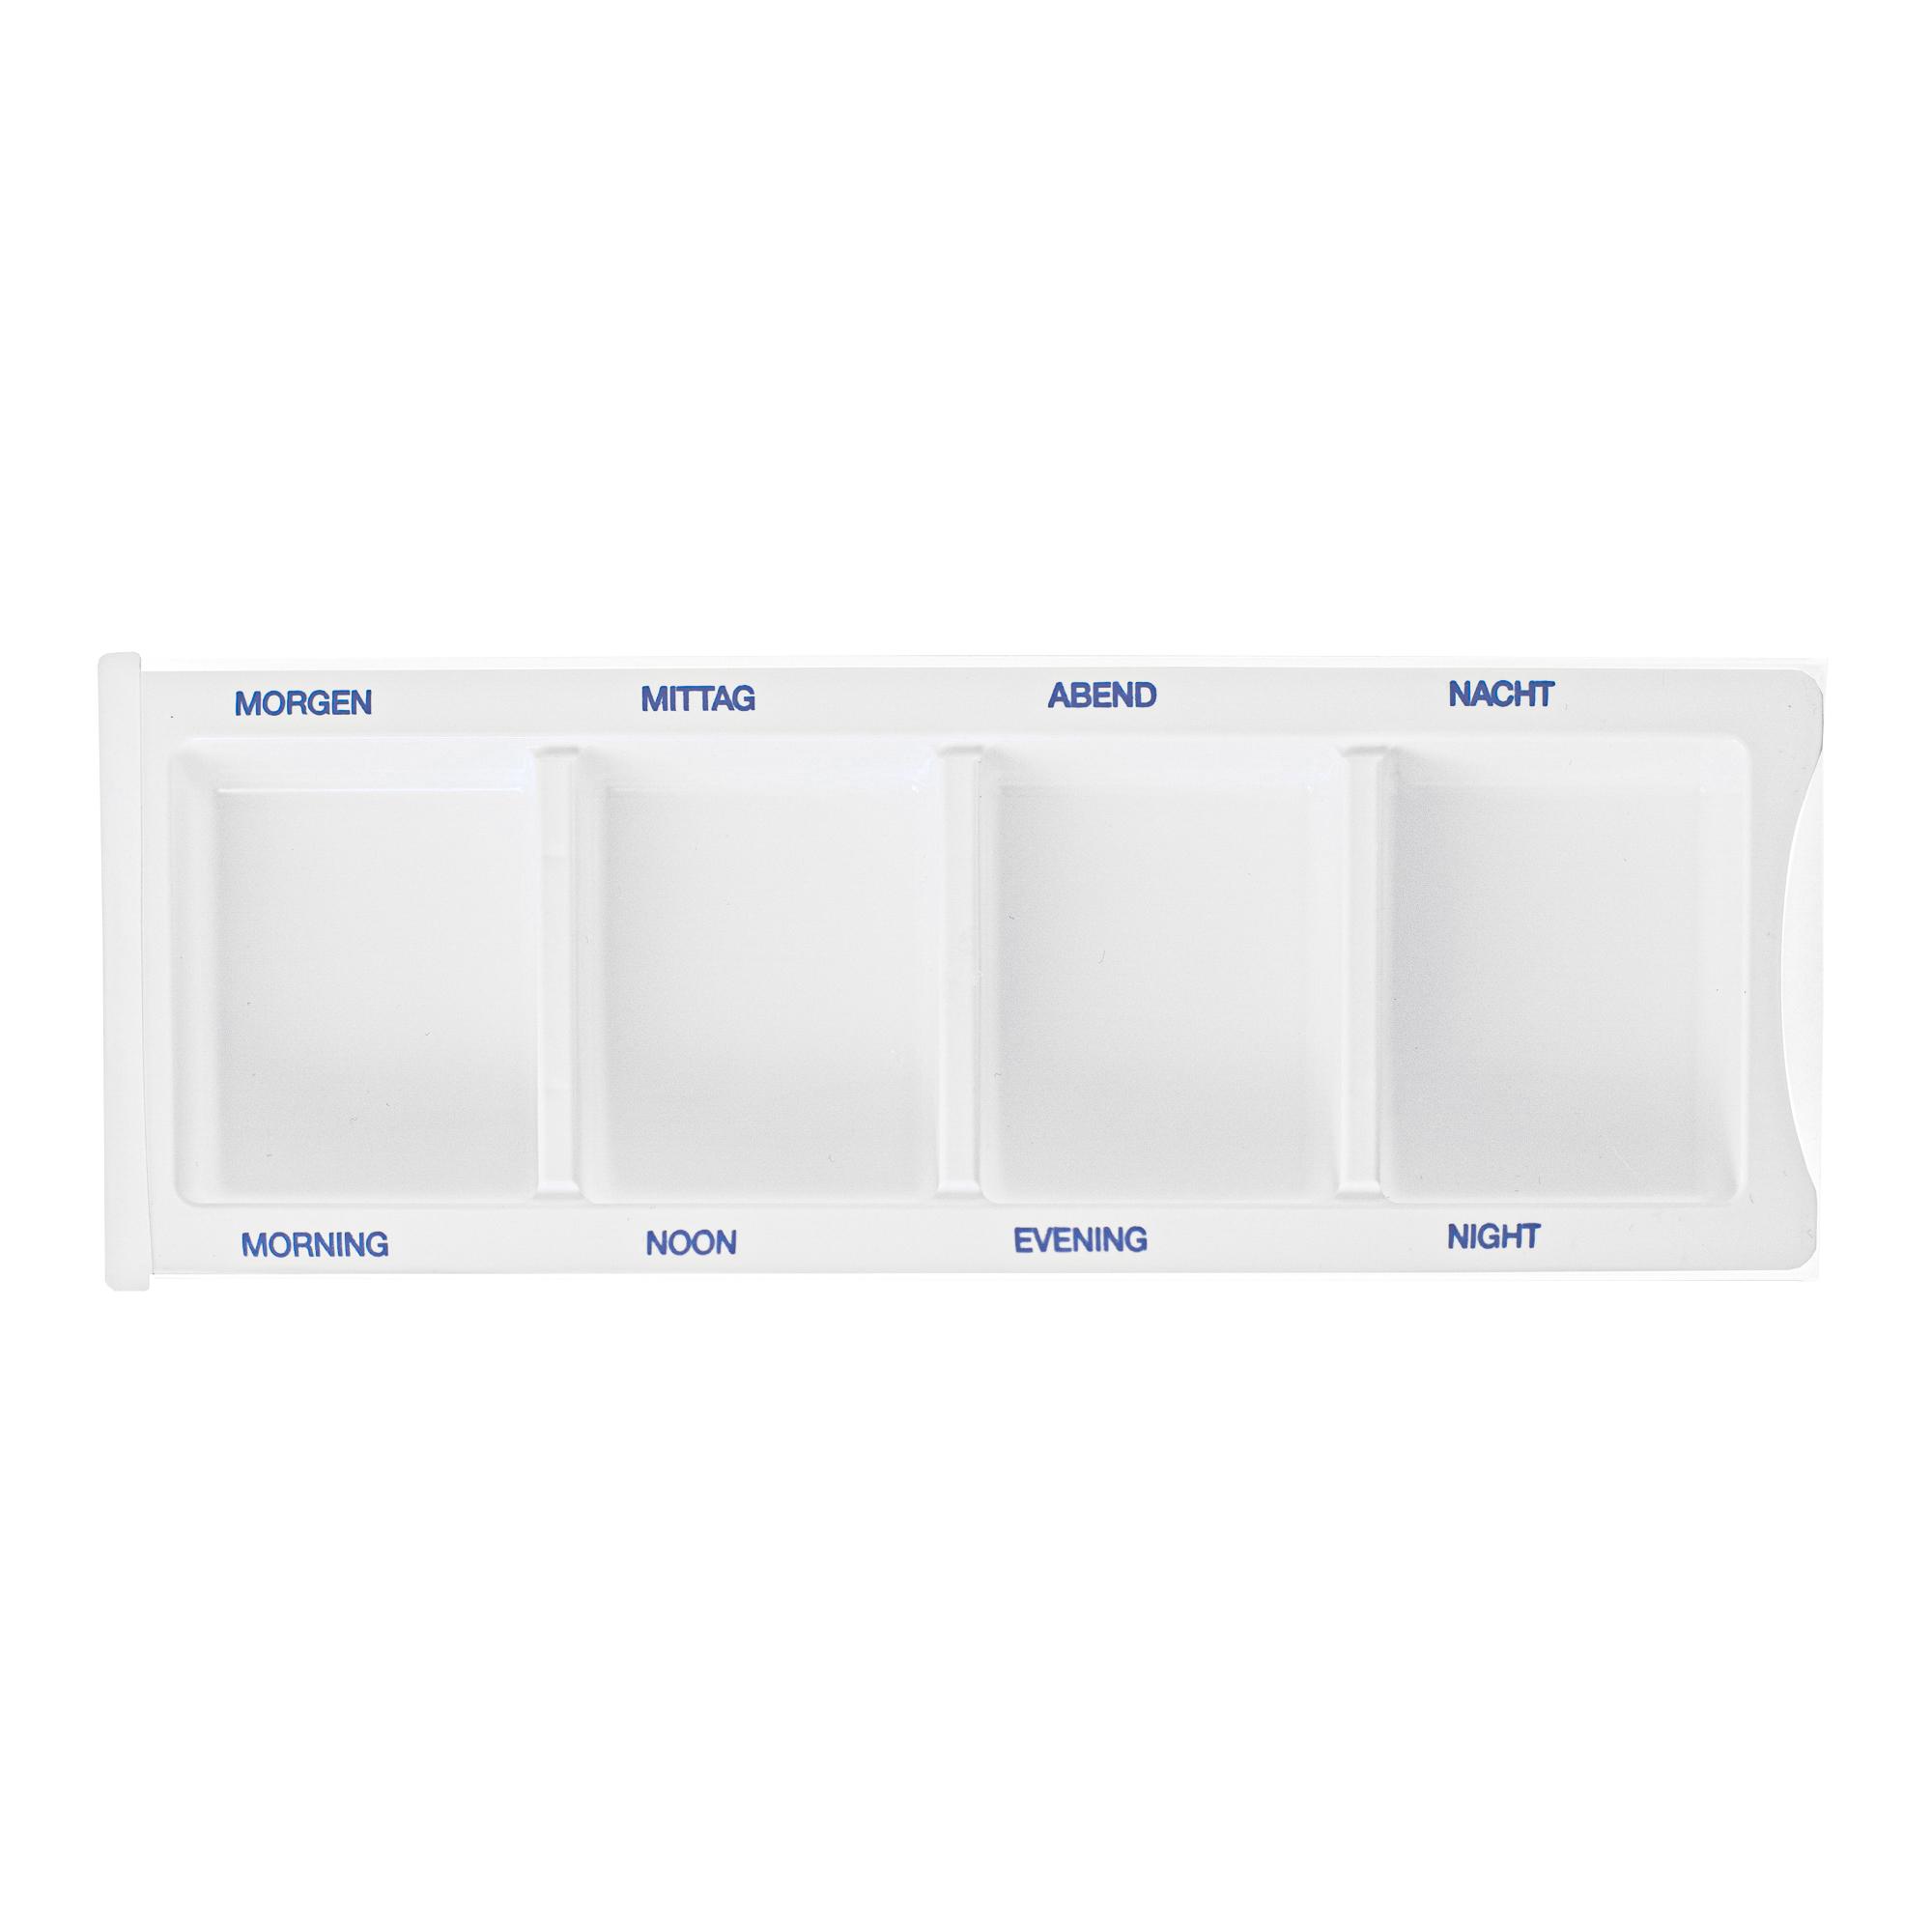 Medikamenten - Dispenser (5 Stück)